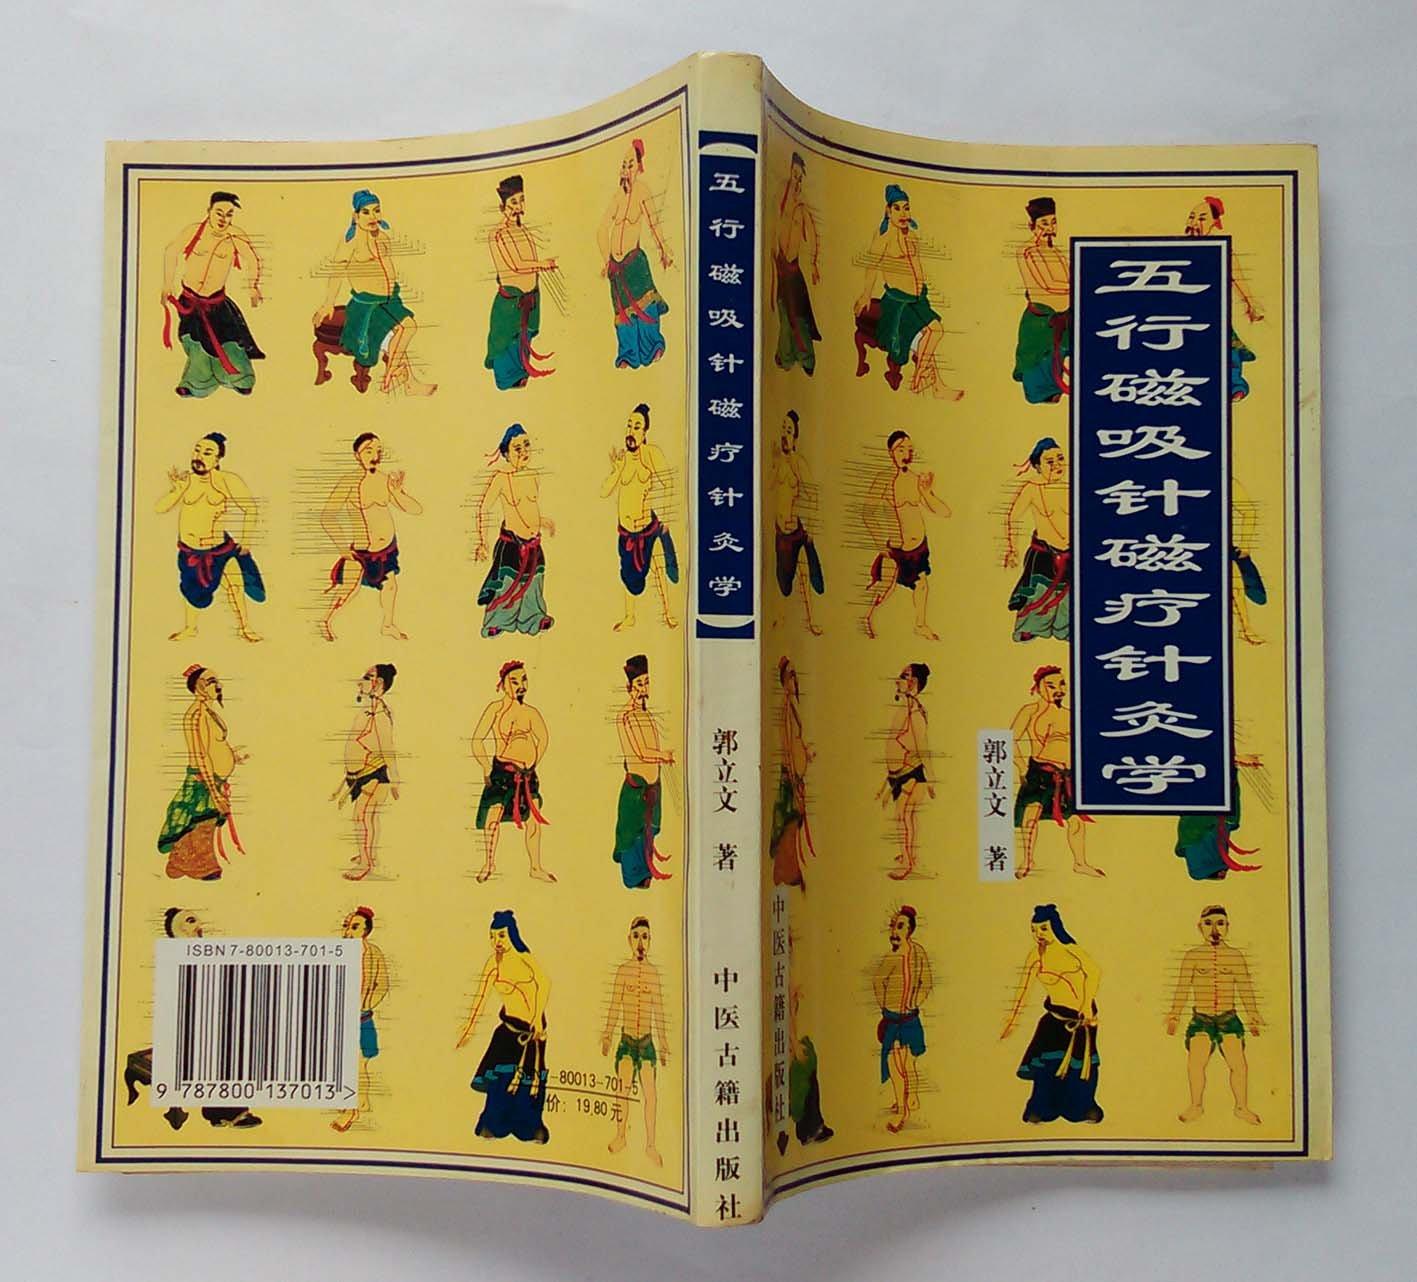 五行磁吸針磁療針灸學 / 郭立文 / 中醫古籍出版社